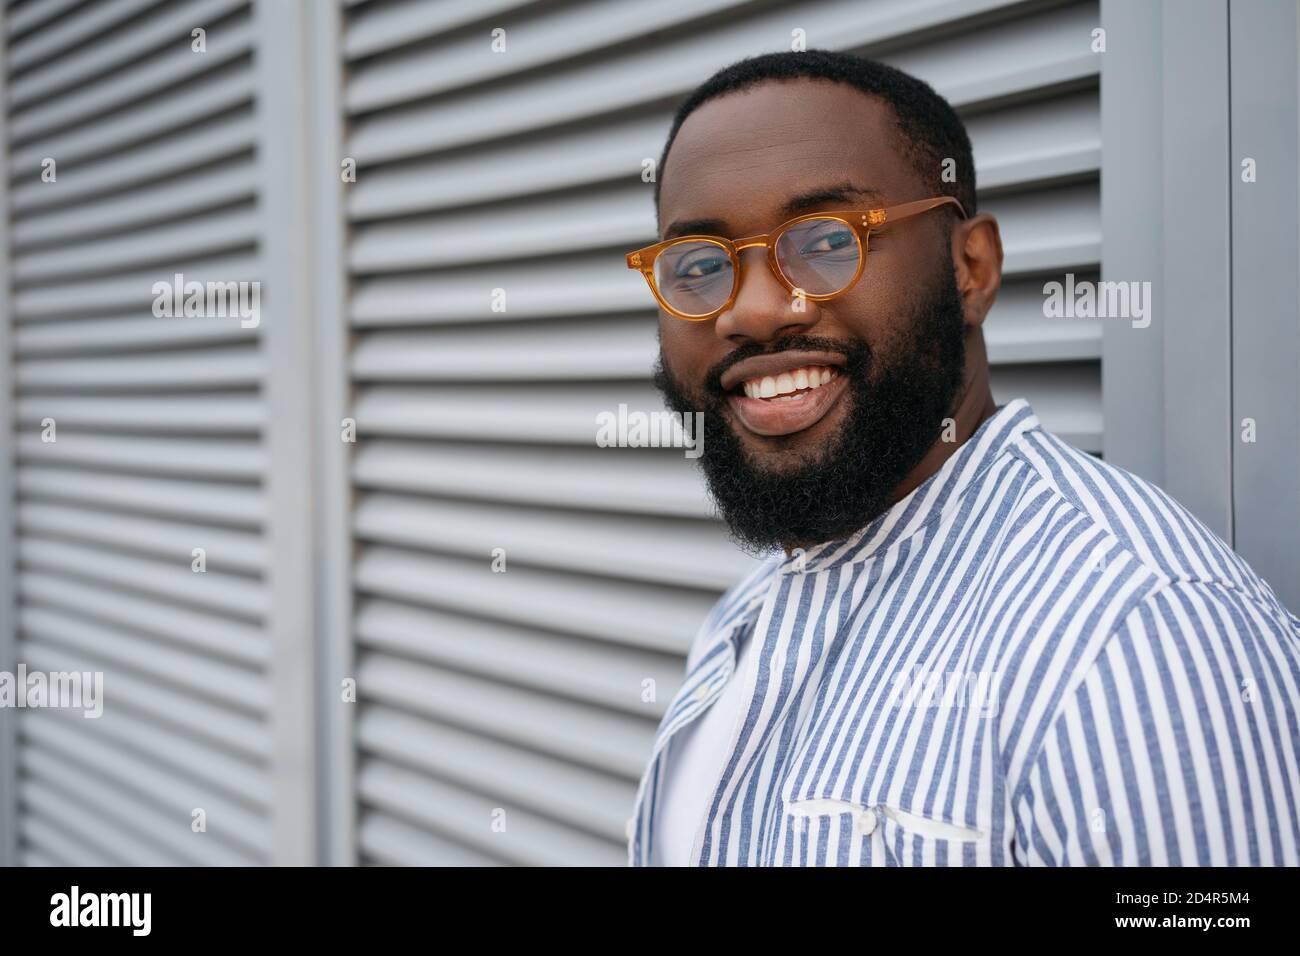 Gros plan portrait d'un homme afro-américain couronné de succès portant des lunettes élégantes. Beau modèle regardant l'appareil photo, souriant, isolé en arrière-plan Banque D'Images